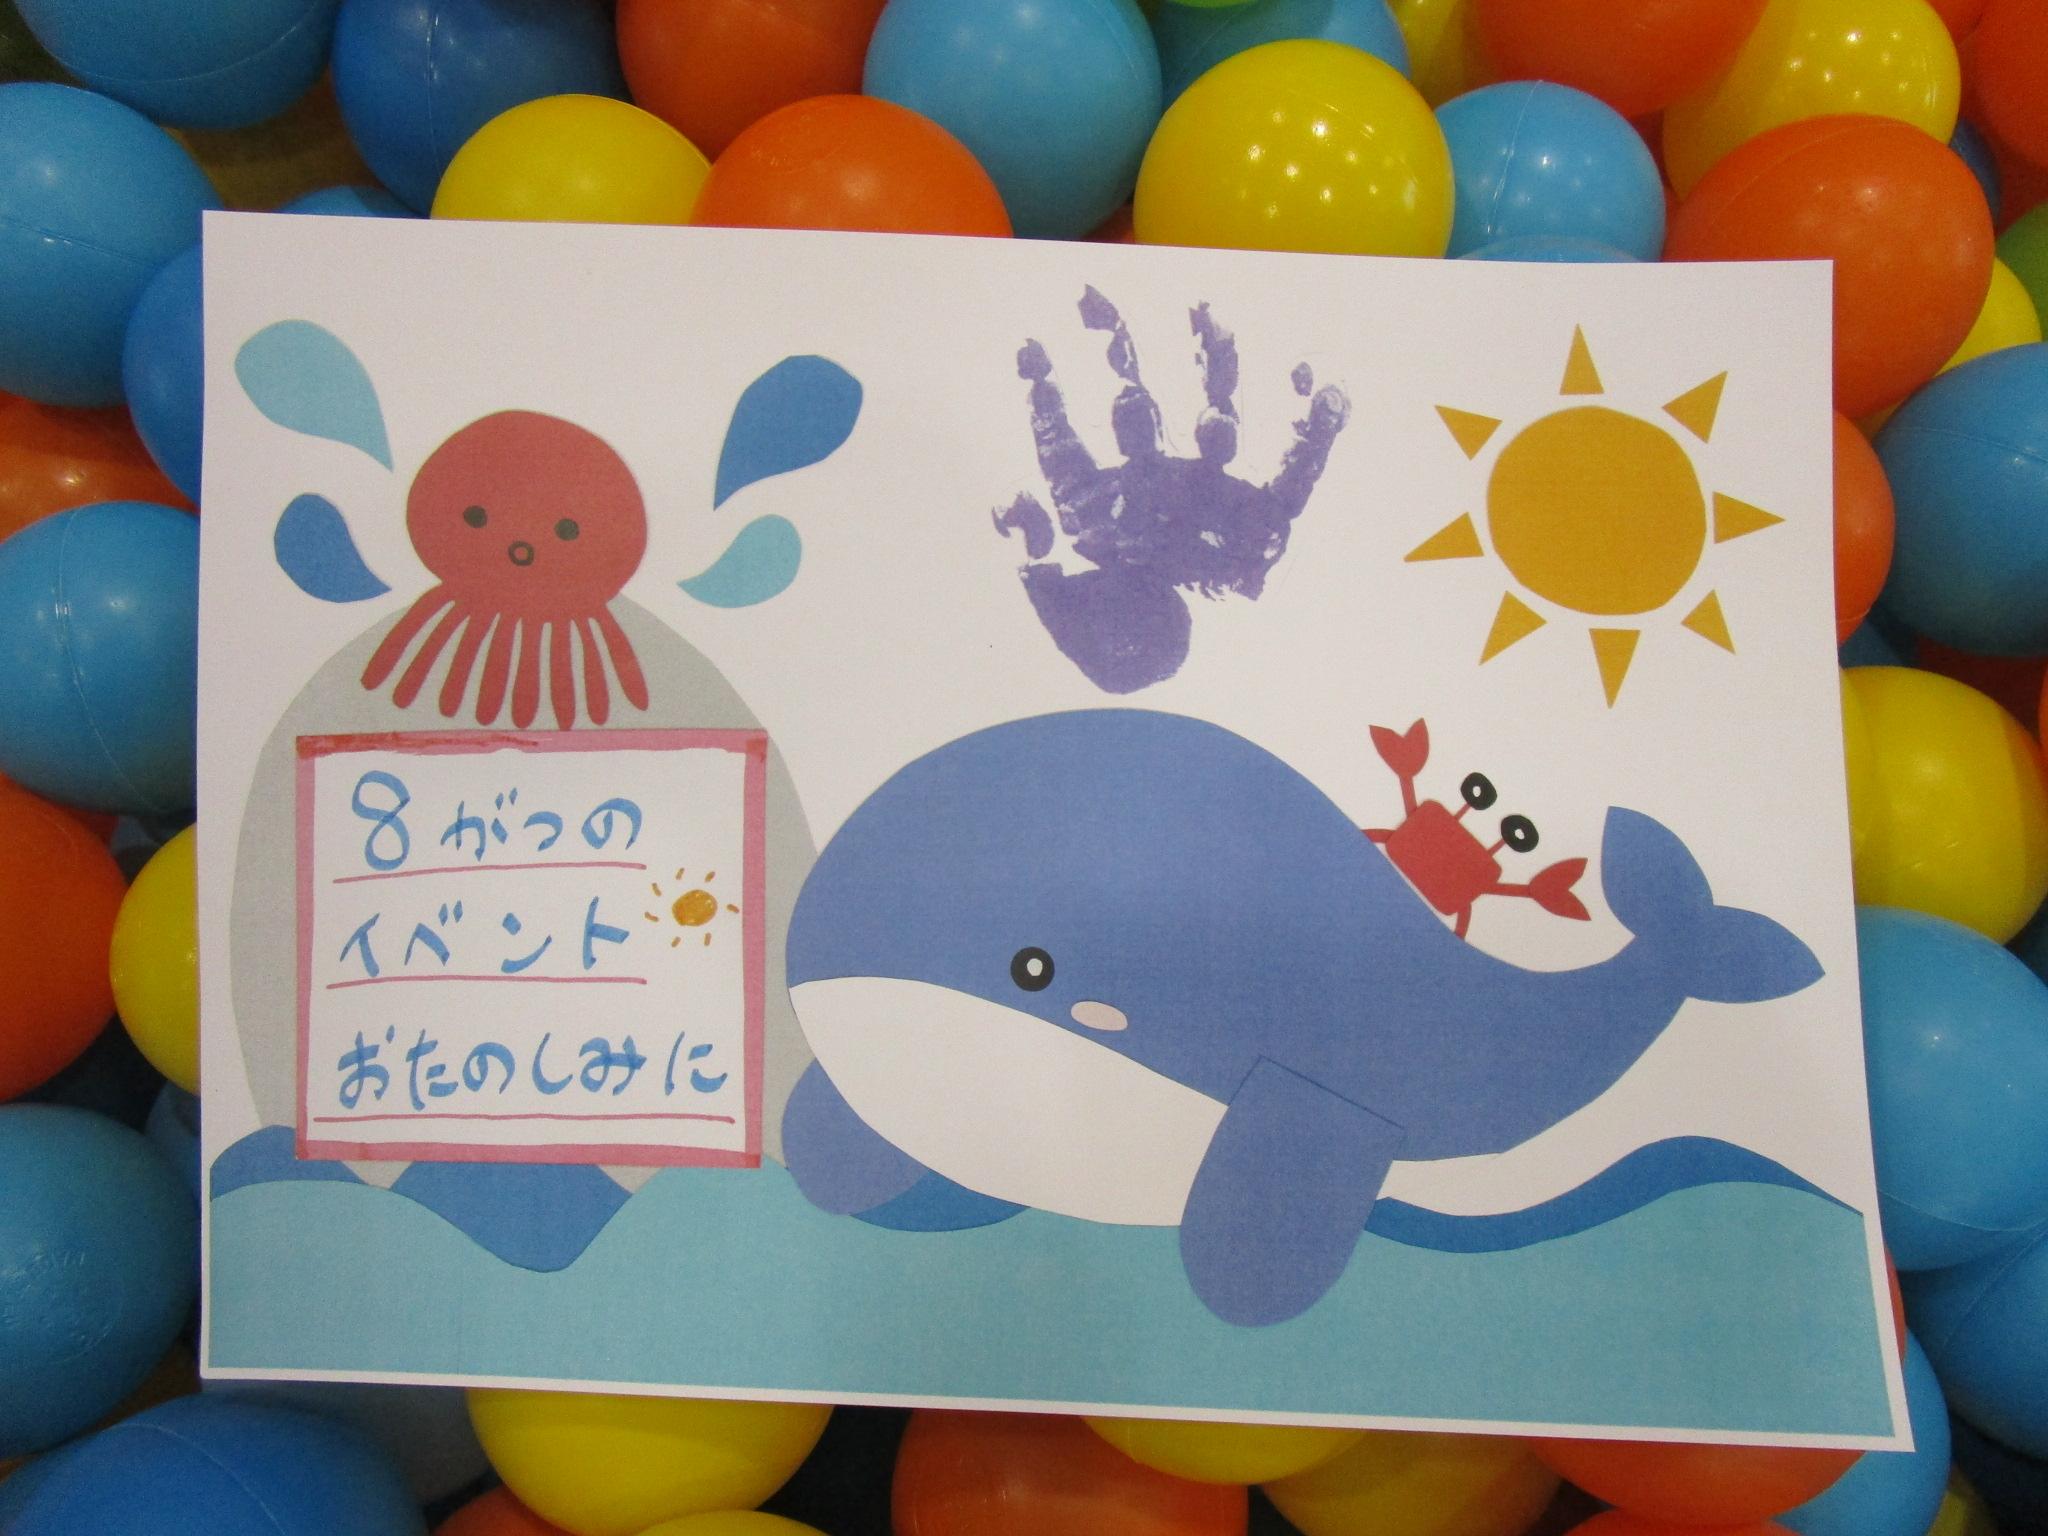 赤ちゃんイベント『カレンダーをつくろう』